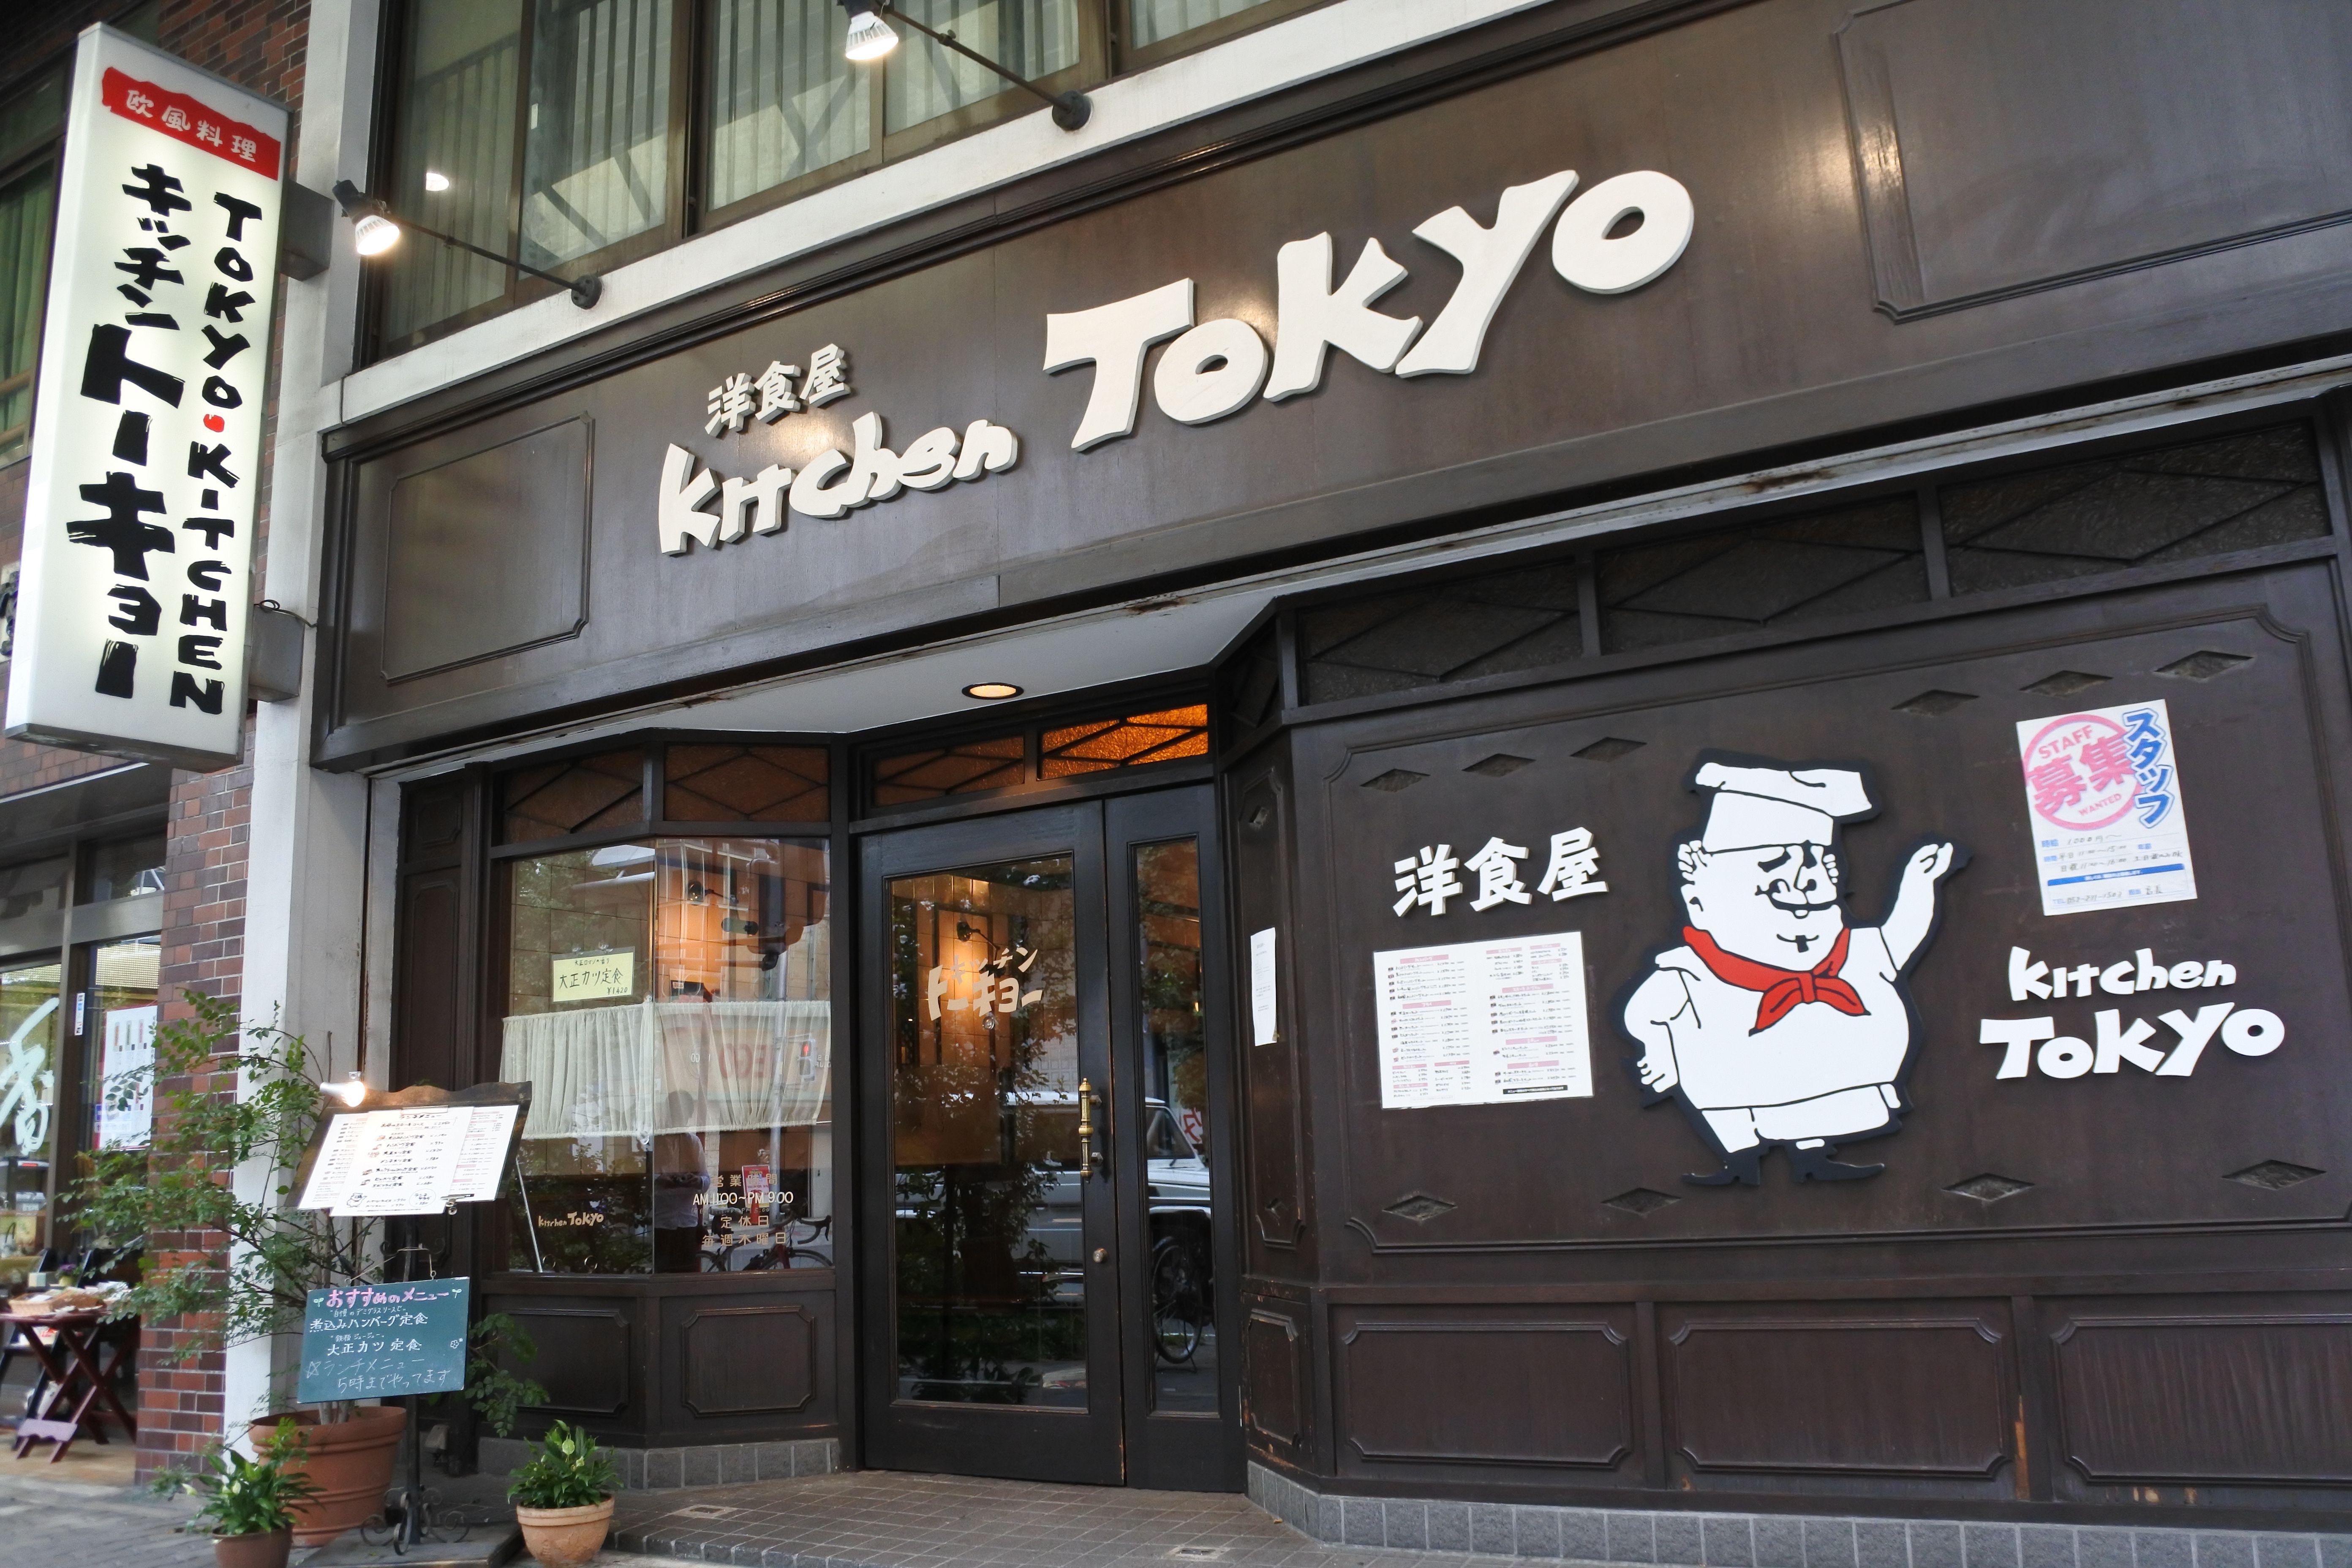 キッチントーキョー 大須 メニュー